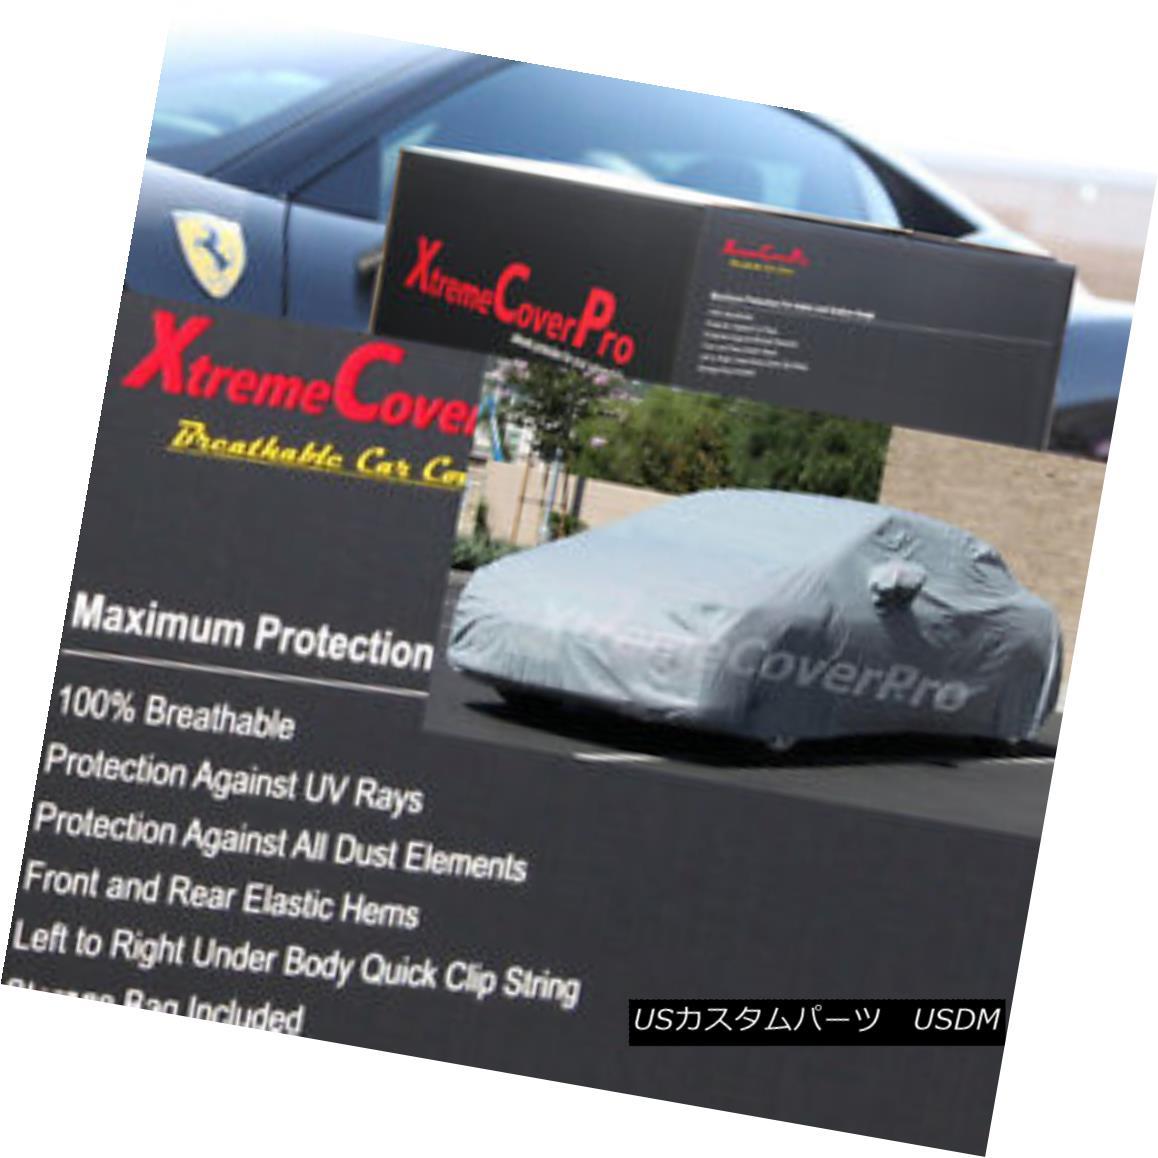 カーカバー 2014 Mitsubishi Evolution w/out Spoiler Breathable Car Cover w/Mirror Pocket 2014三菱エボリューションw /アウトスポイラー通気性カーカバーw /ミラーポケット